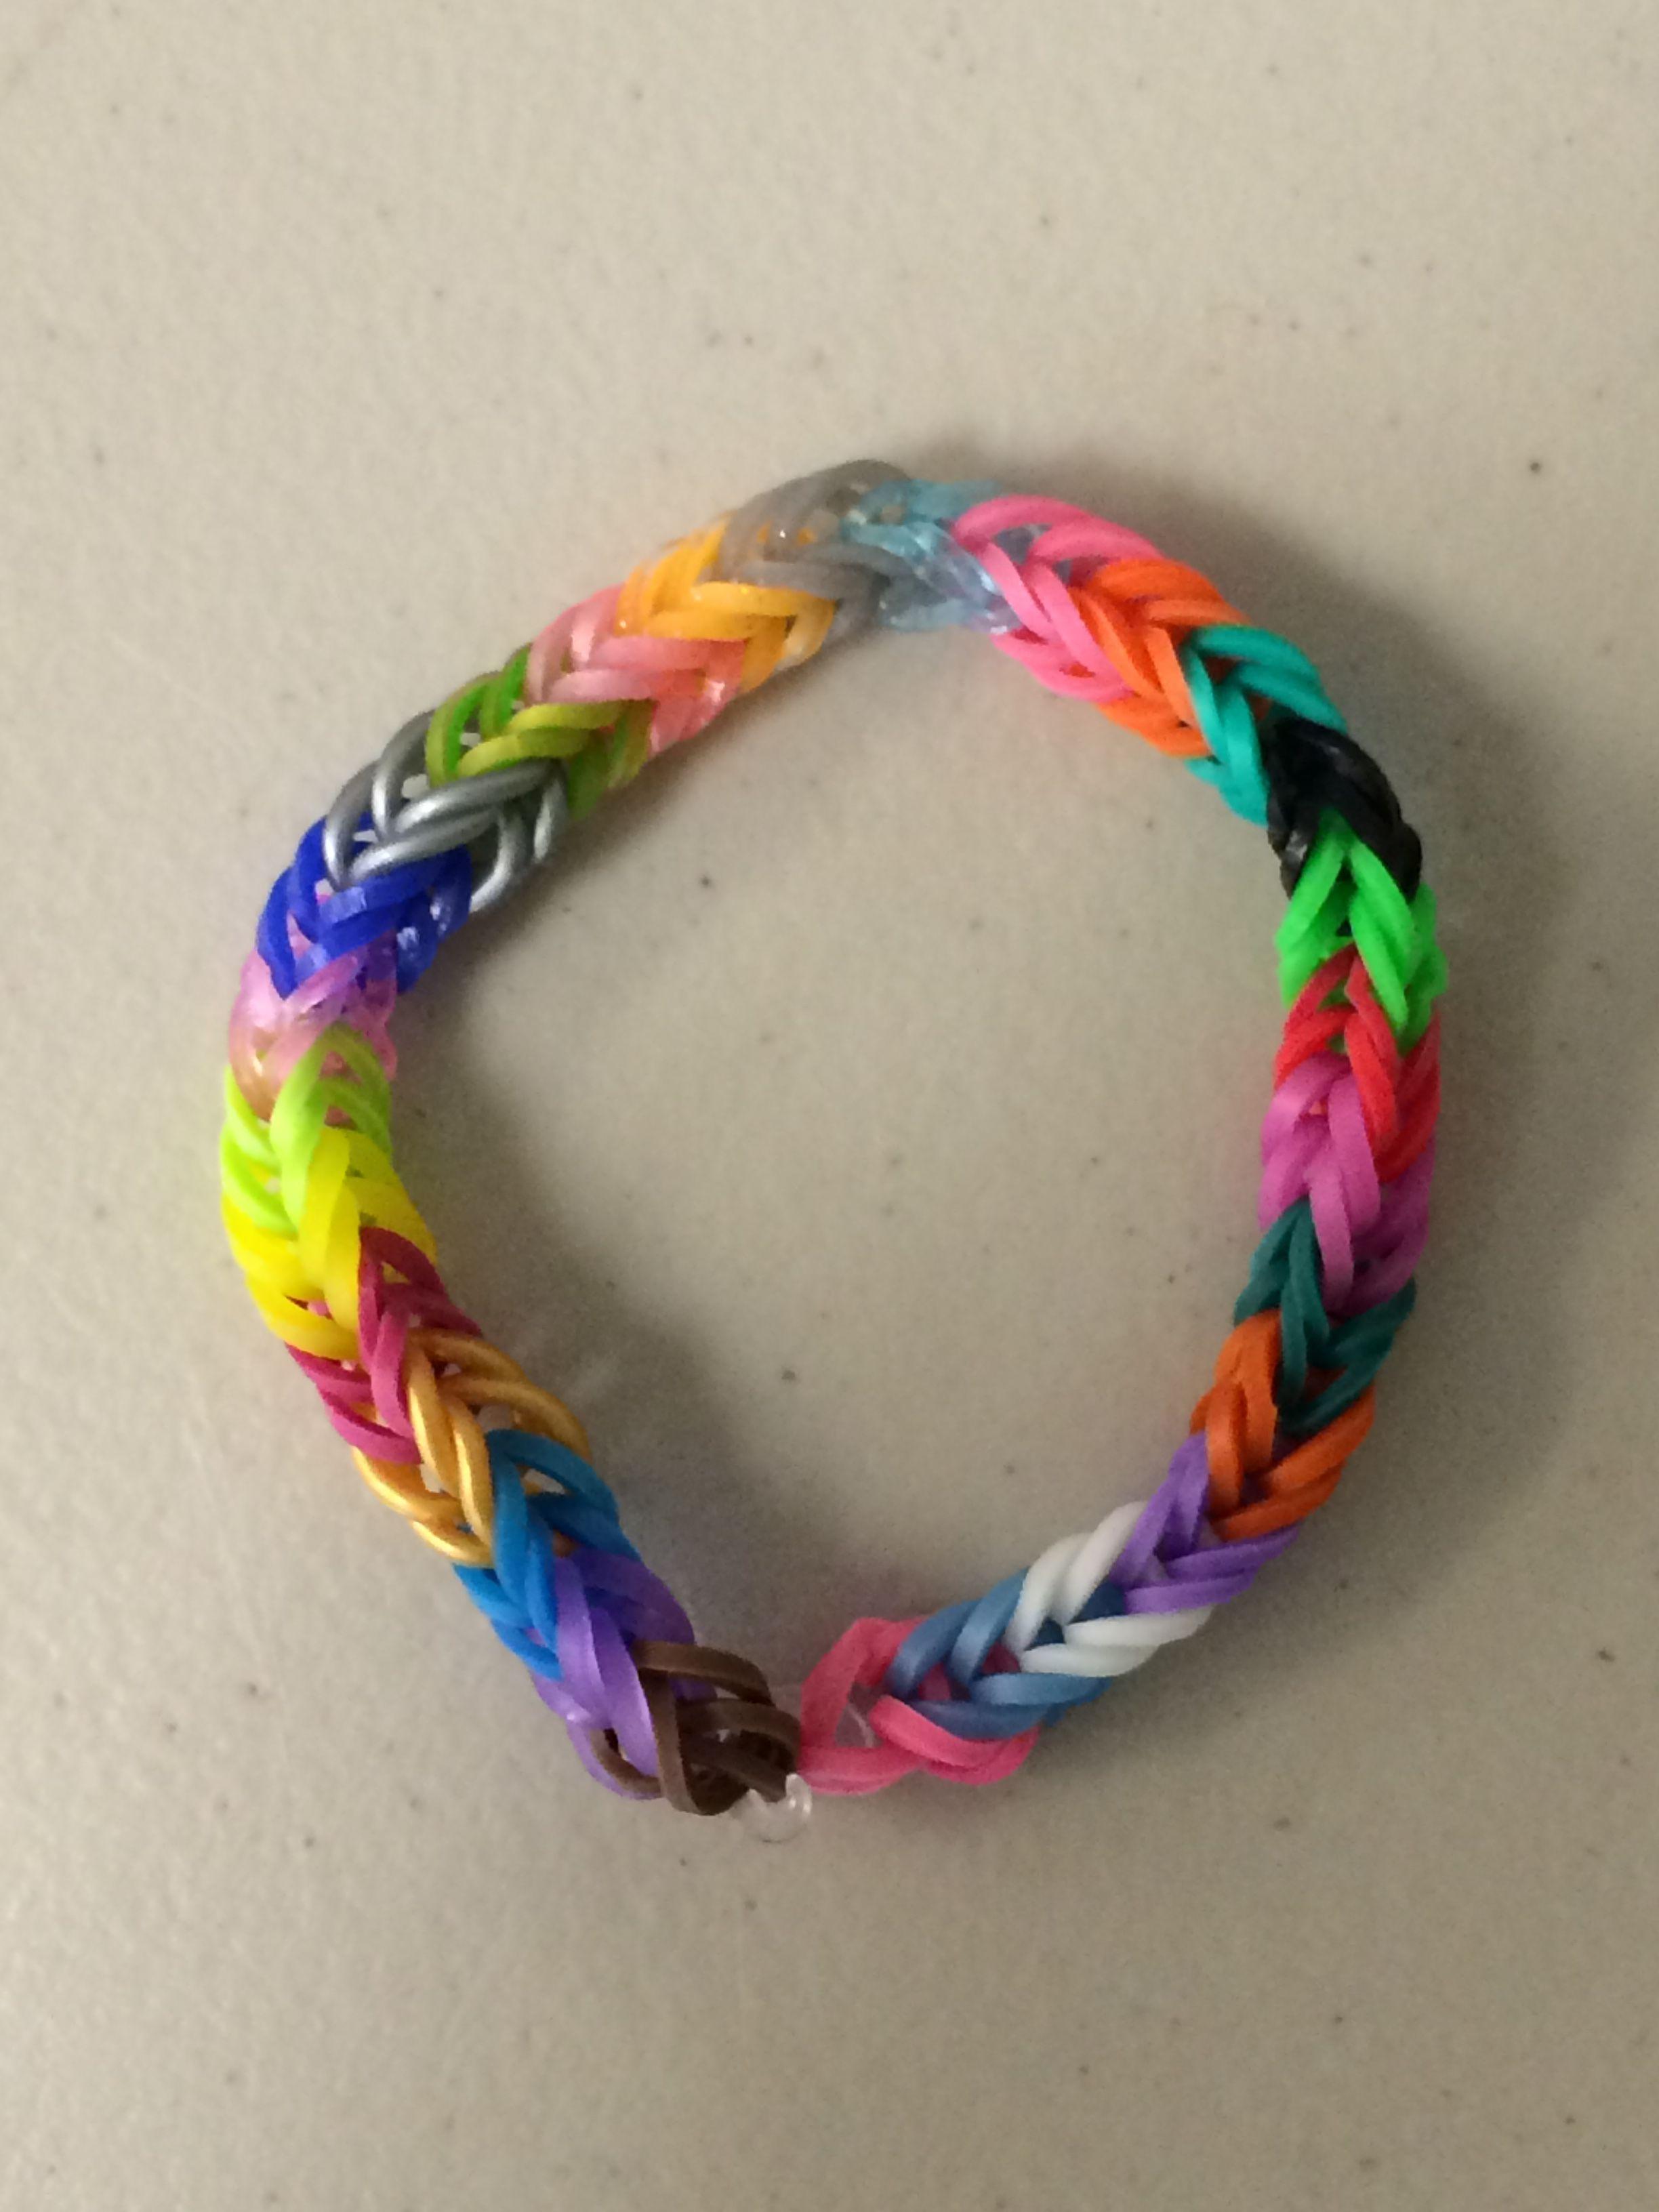 Rainbow Colors Dolphin Charm Rainbow Loom Fishtail Style Friendship Bracelet